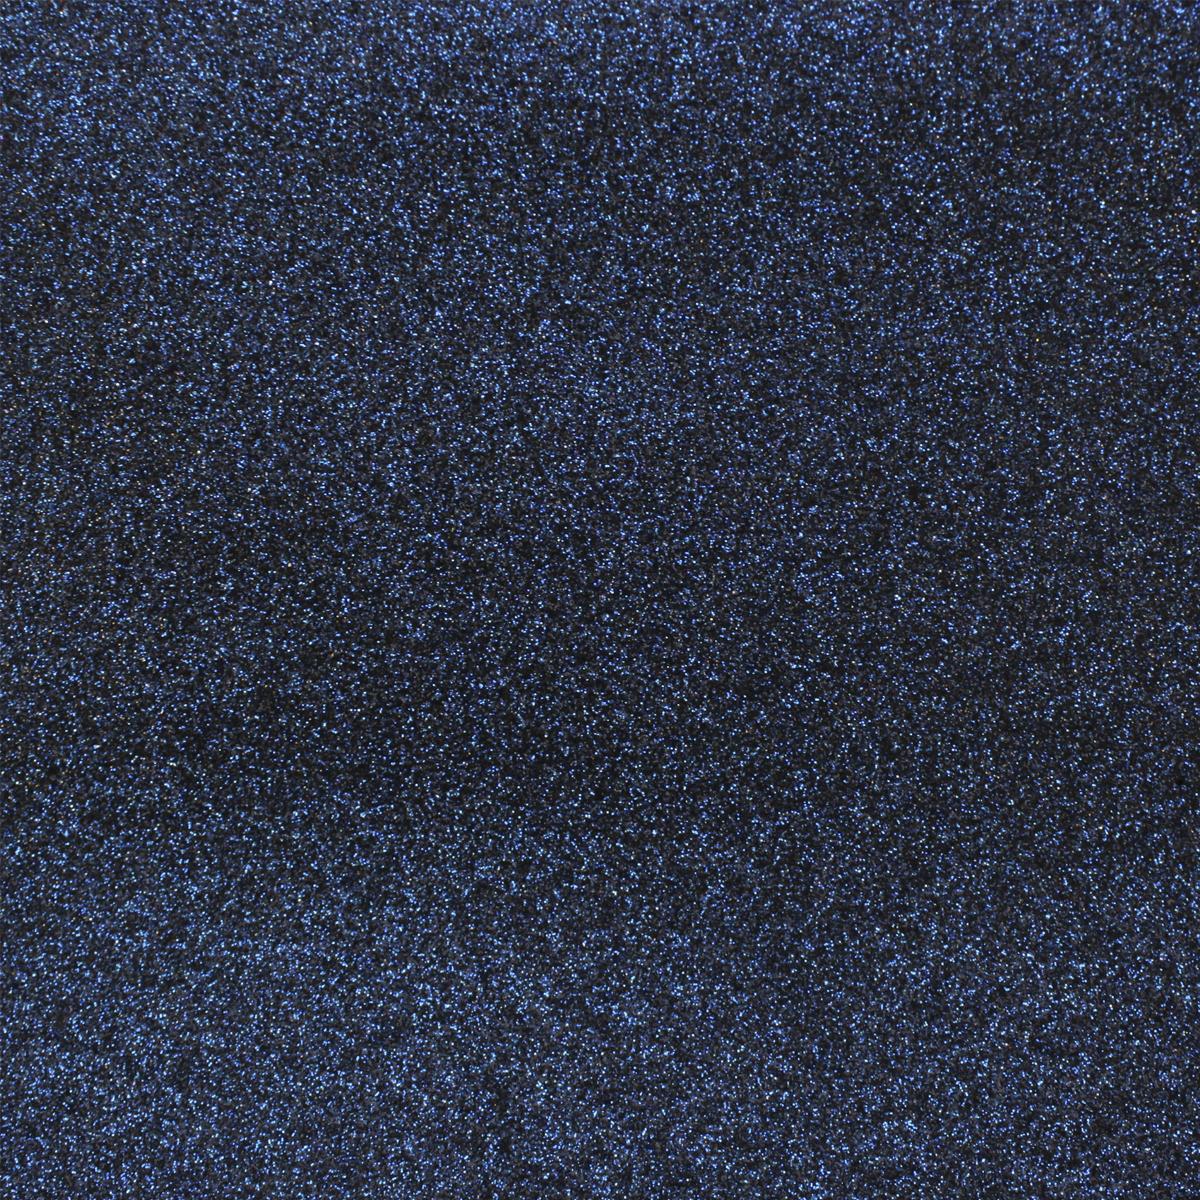 Ткань для рукоделия Ki Sign, с глиттером, цвет: синий, 70 х 45 см7716492_66 синийТкань для рукоделия Ki Sign с глиттером (55% ПВХ, 45% полиэстер) предназначена для шитья текстильных кукол и игрушек, пэчворк-работ, для квилтинга и скрапбукинга. Такая ткань удобна в раскрое, не скользит, легко стирается и достаточно прочная.